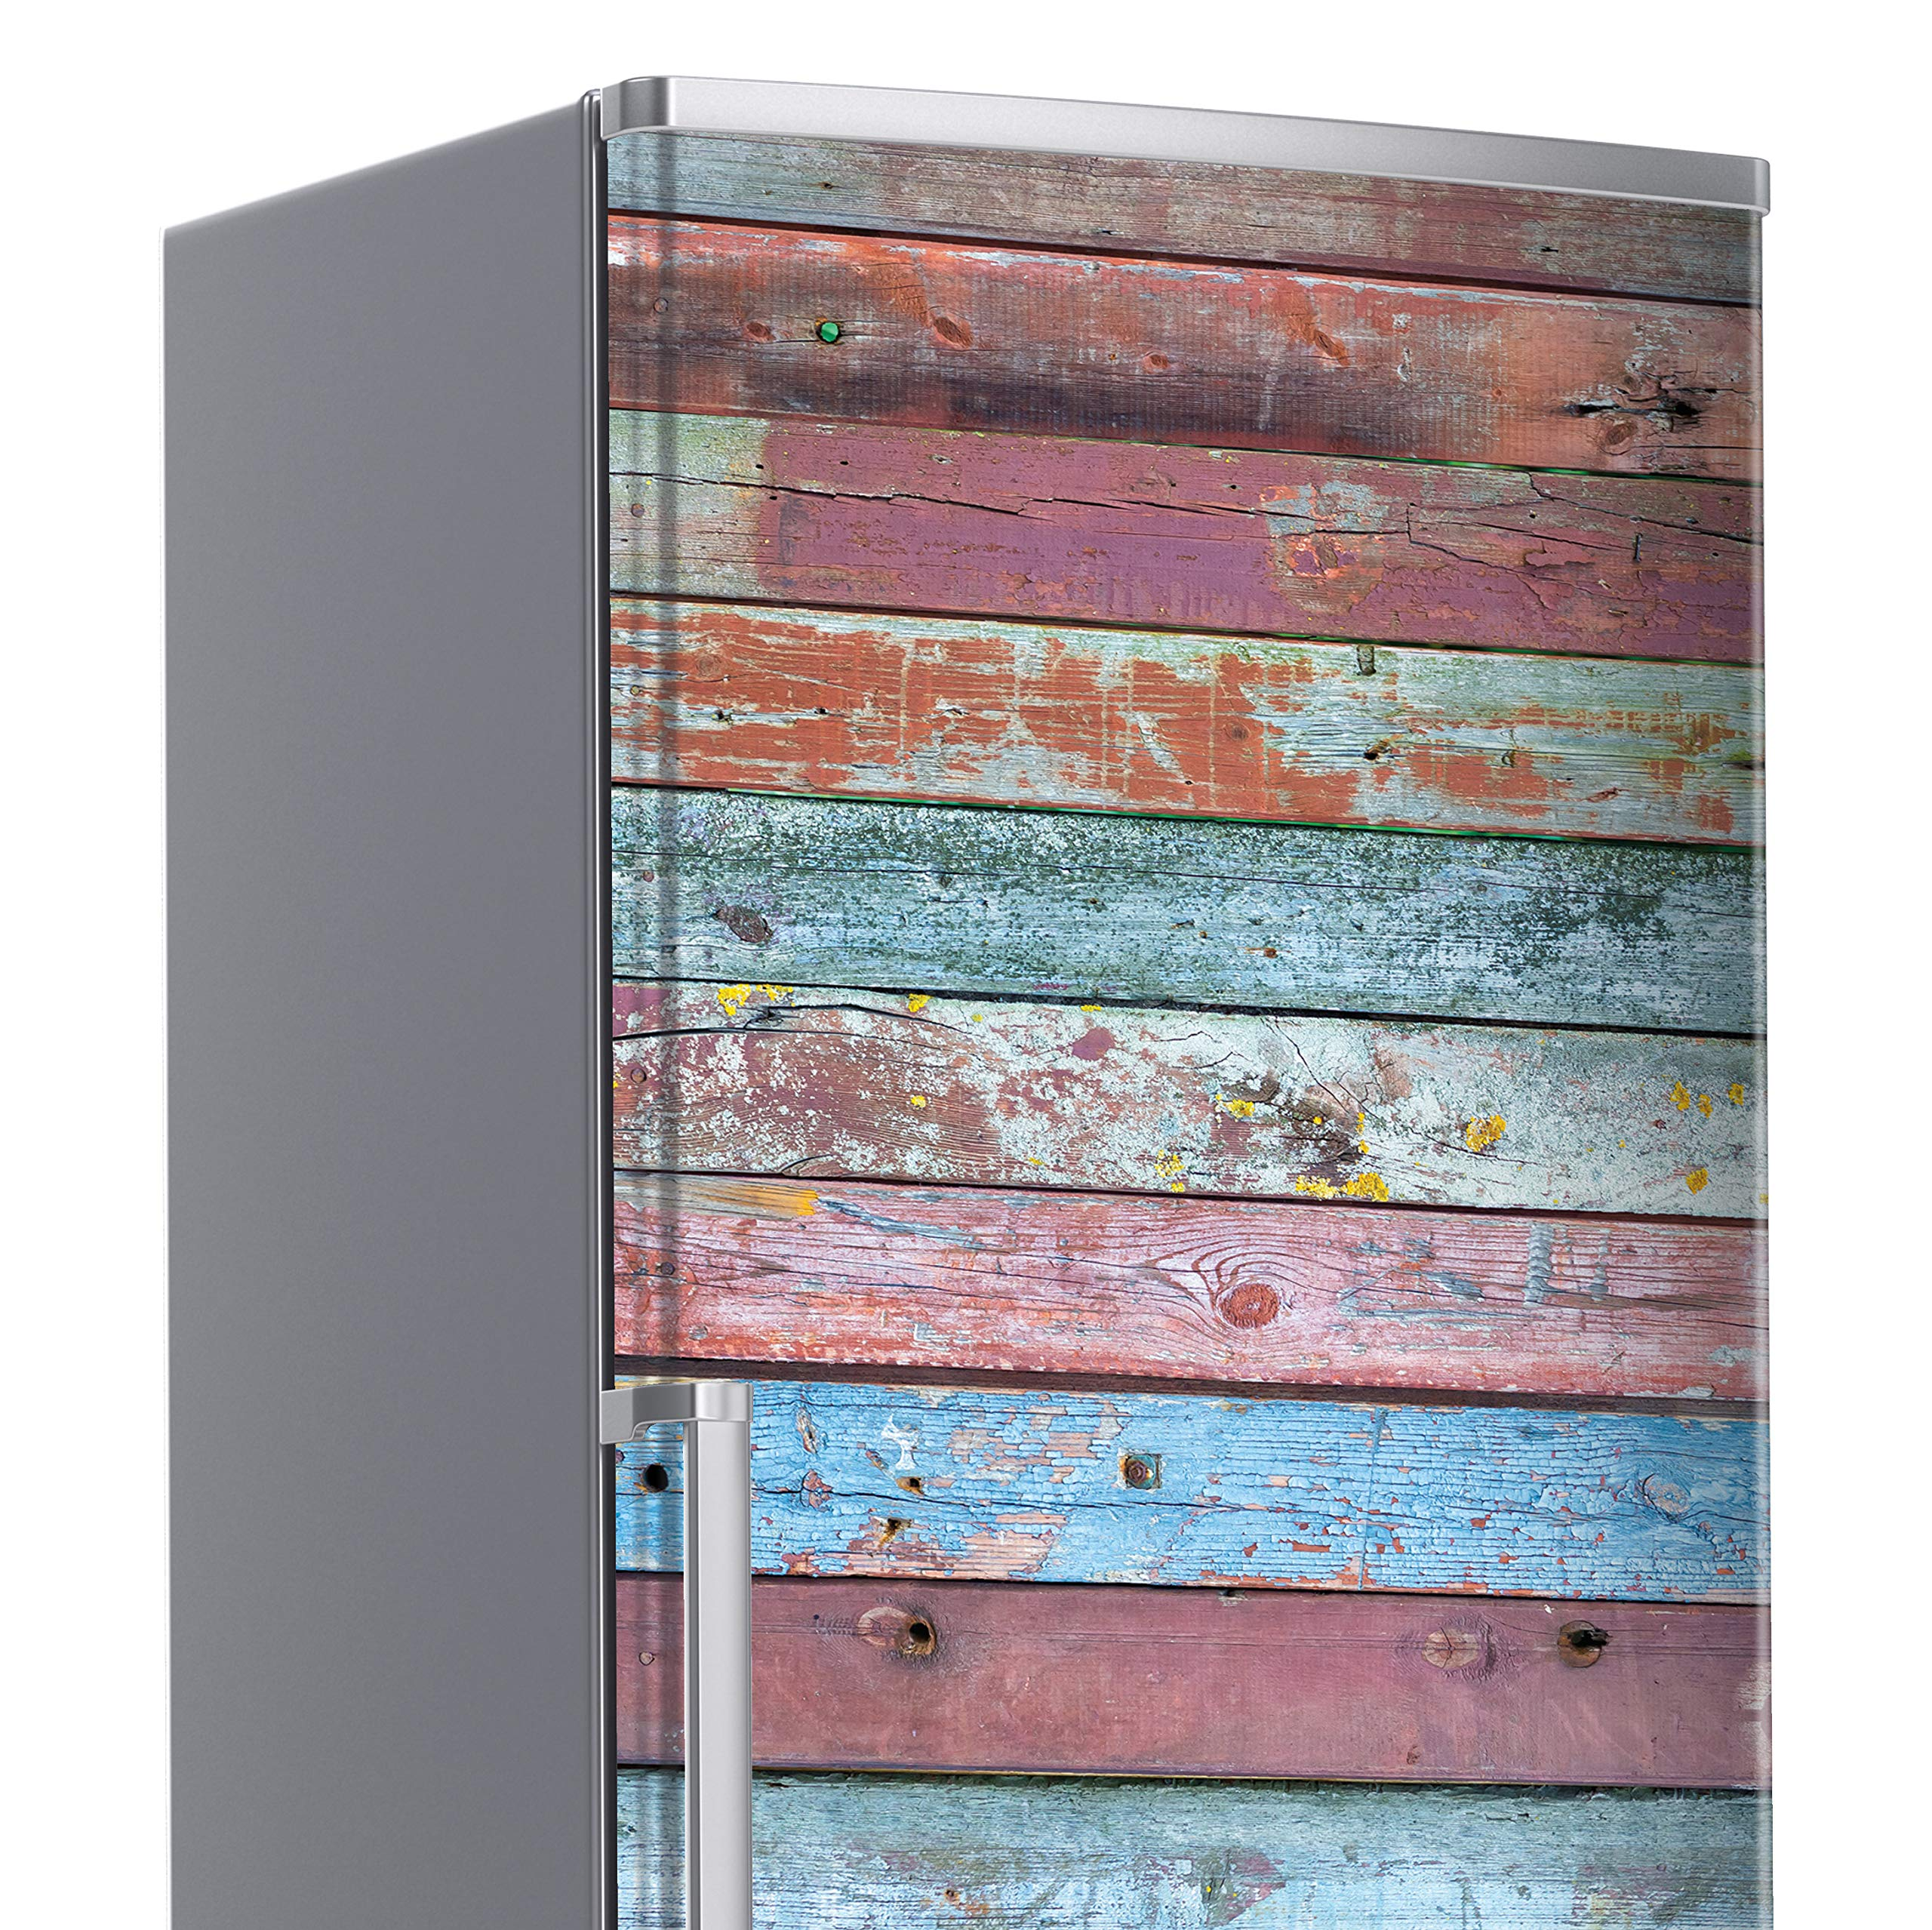 MEGADECOR Vinilo Adhesivo Decorativo para Nevera con Efecto Tablas de Madera Viejas de Colores Gastados 185 cm x 60 cm Varias Medidas